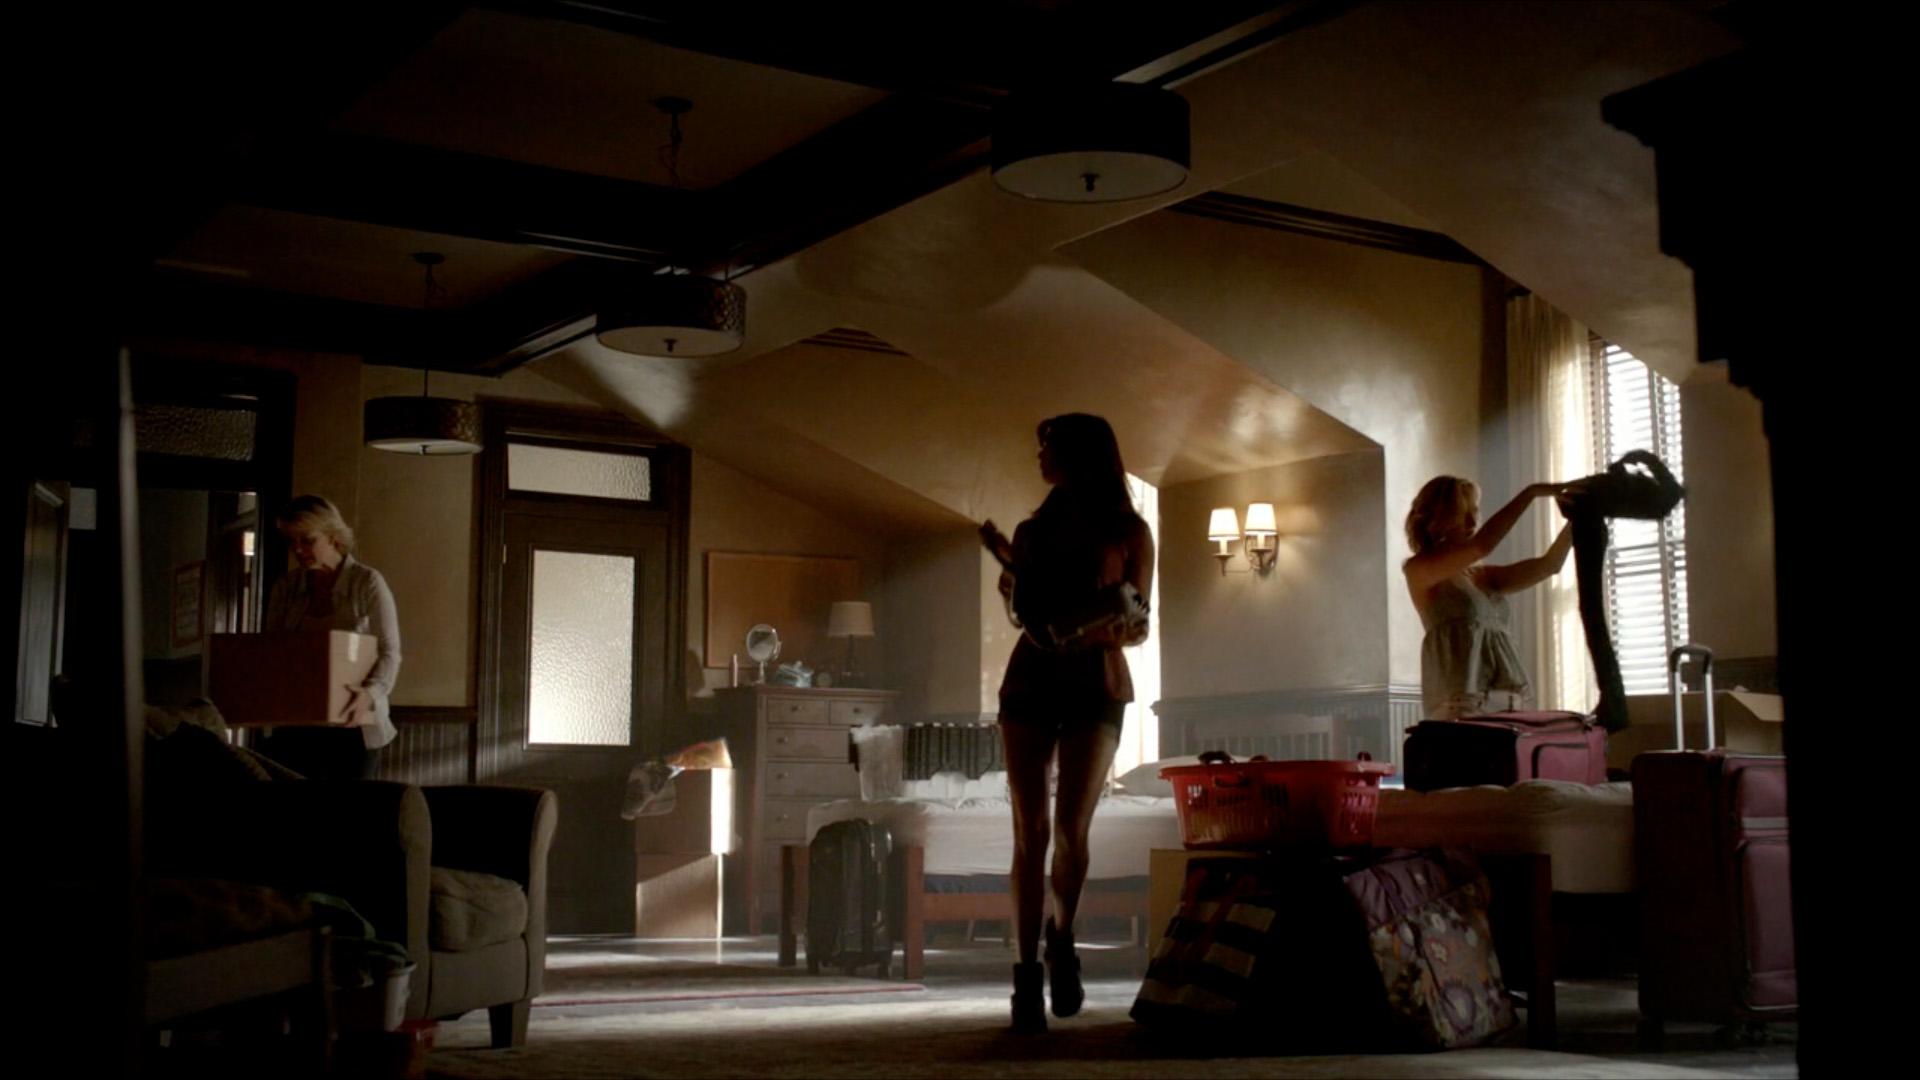 Vampire diaries bedroom - Tvd 2 115